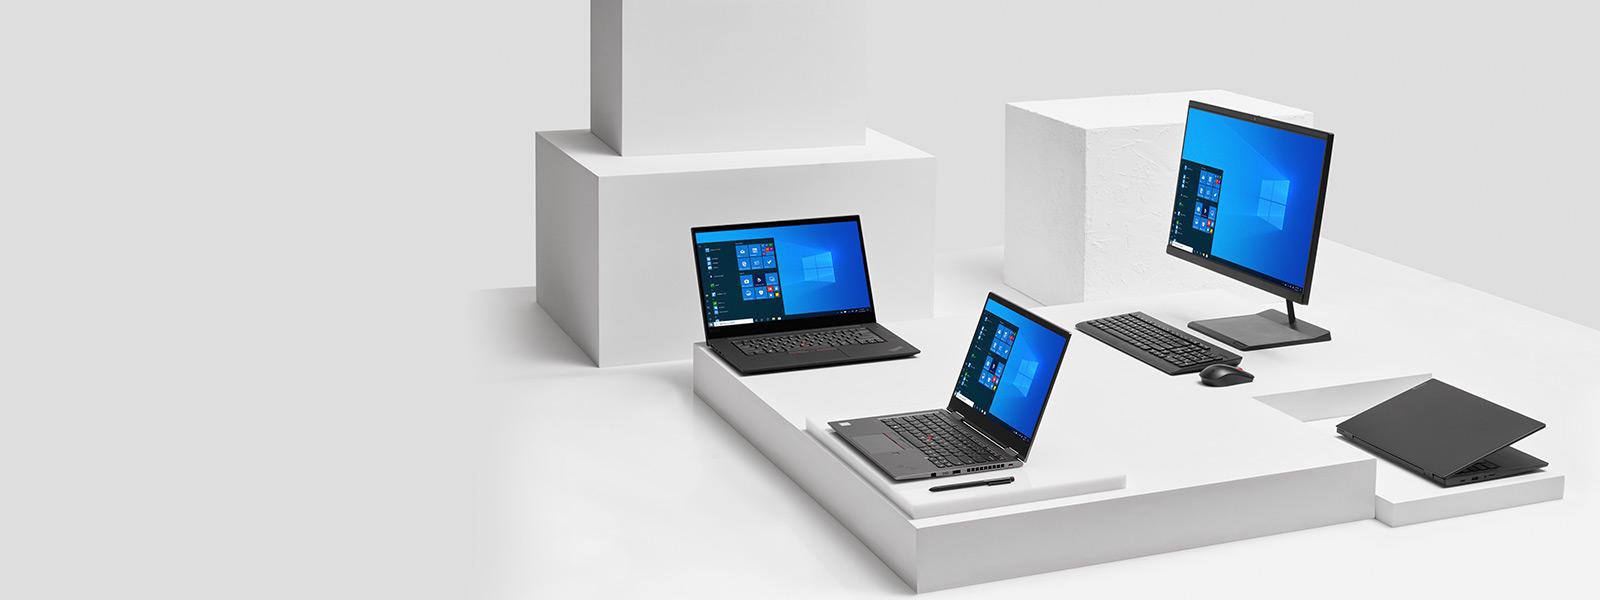 Rodzina urządzeń Lenovo z ekranami startowymi systemu Windows 10 Pro